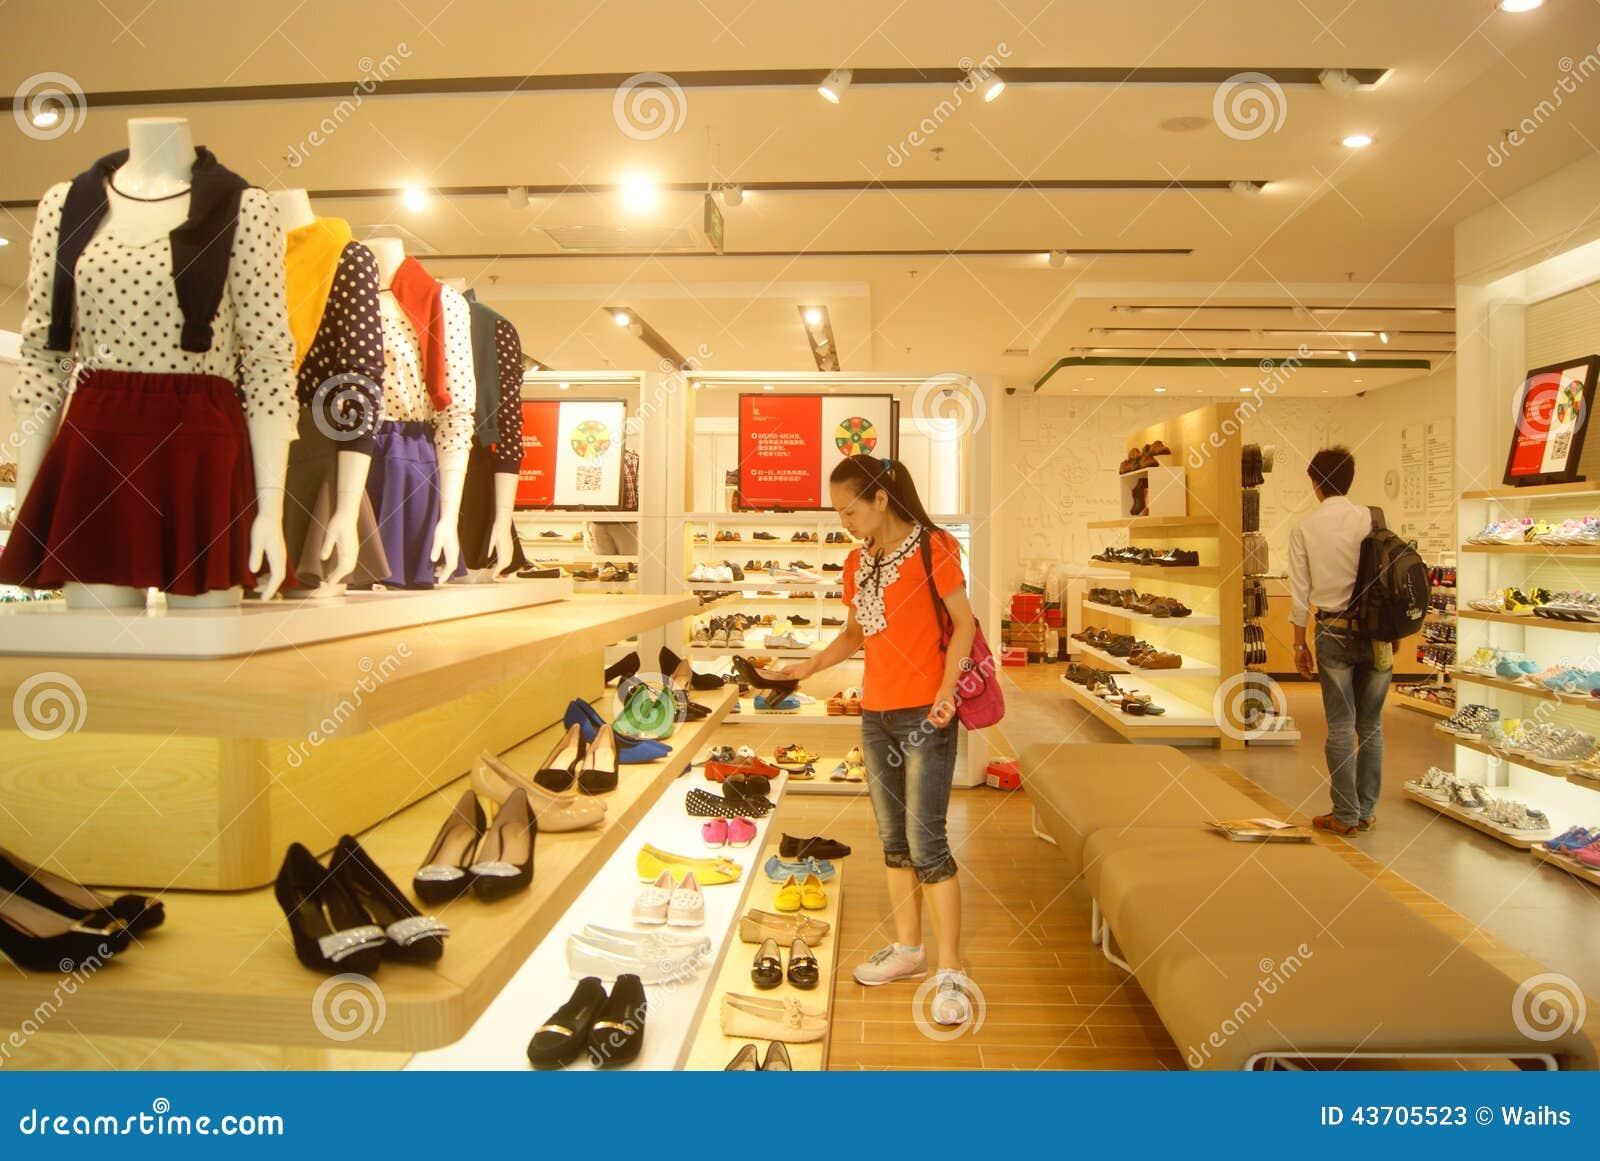 Shenzhen China Tienda De La Ropa Y De Zapatos Foto De Archivo Editorial Imagen De Interior Zapatos 43705523